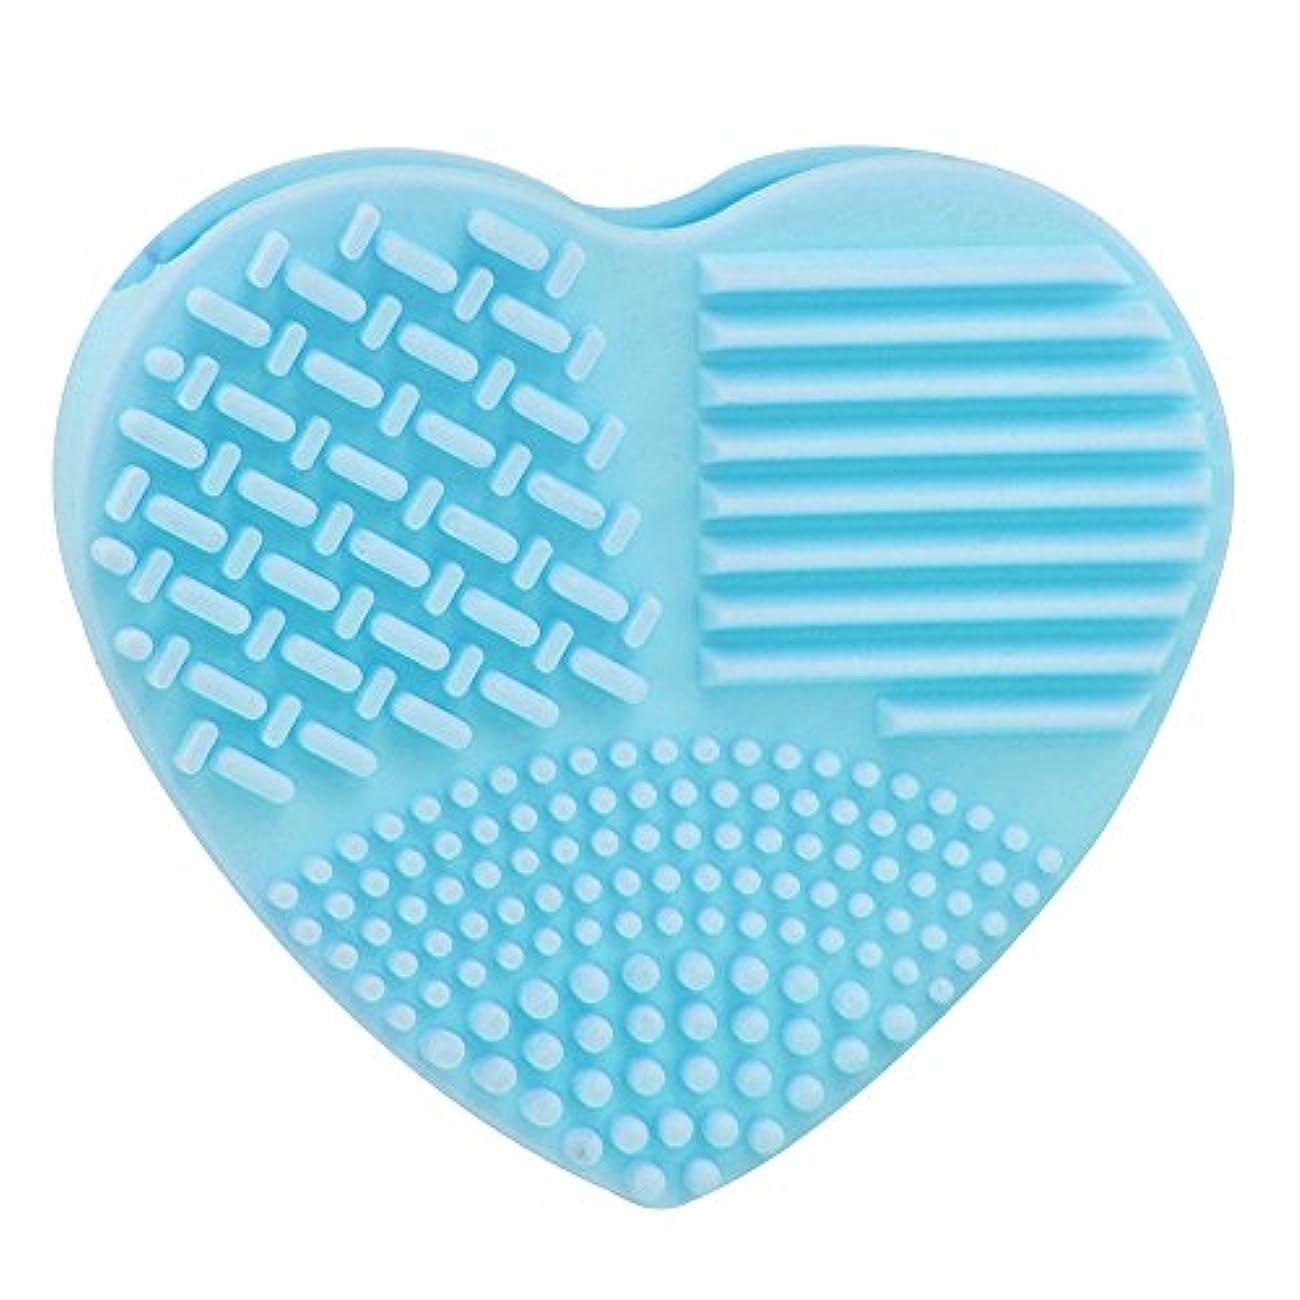 パン復活する竜巻シリコーン YOKINO 洗濯板 ポータブル メイクブラシクリーナー 旅行 や 外泊 の 必需品 化粧ブラシクリーナー 洗浄ブラシ 清掃ブラシ (スカイブルー)